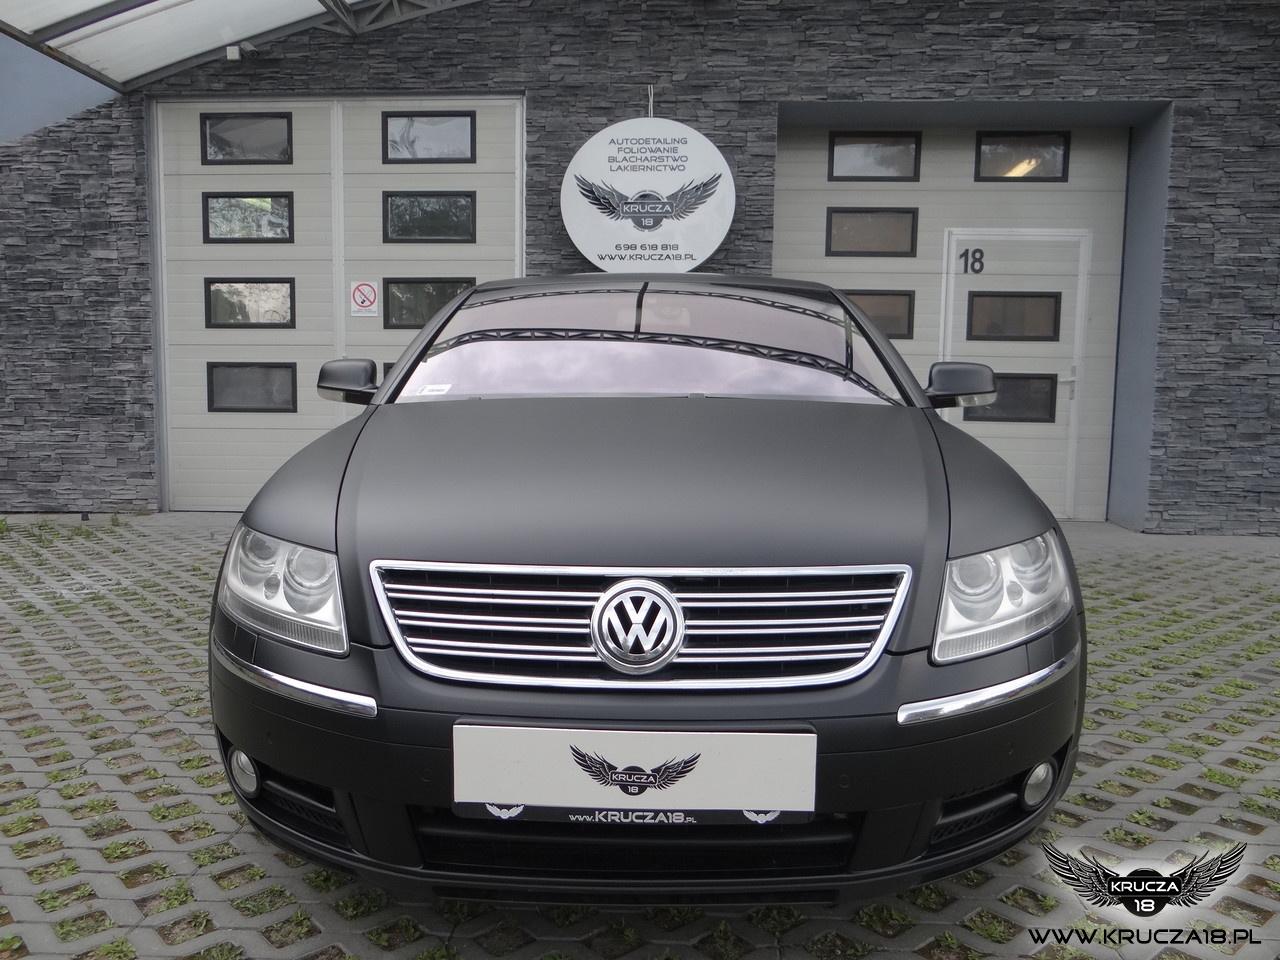 WV PHAETON : zmiana koloru auta folią : oklejanie : czarny mat : Krucza18 : Bydgoszcz : Osielsko